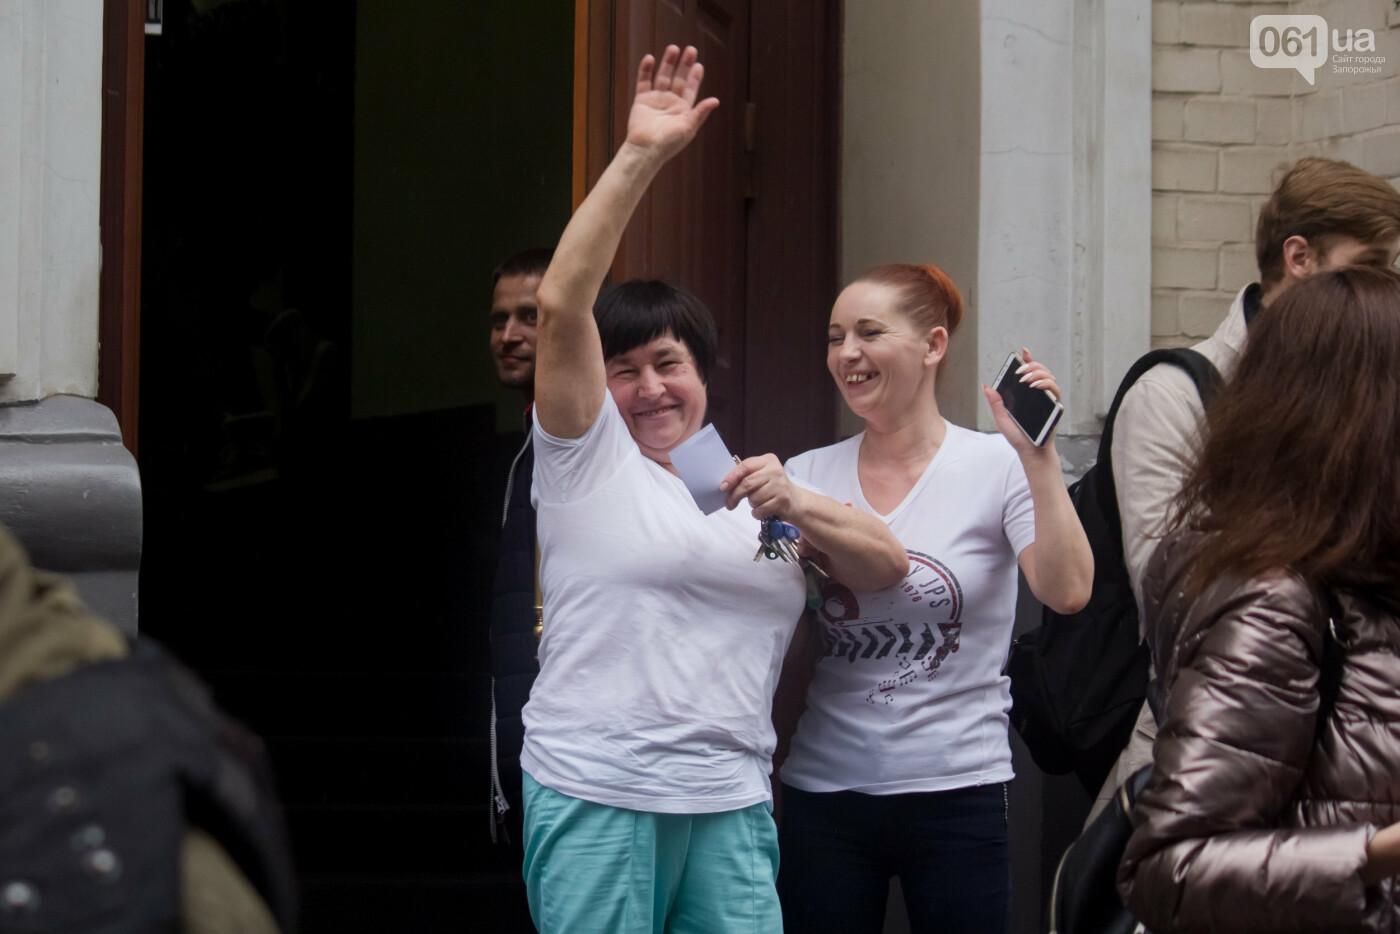 5 историй запорожцев, которые вышли на Марш женщин в Киеве: почему для них это важно, - ФОТОРЕПОРТАЖ, фото-19